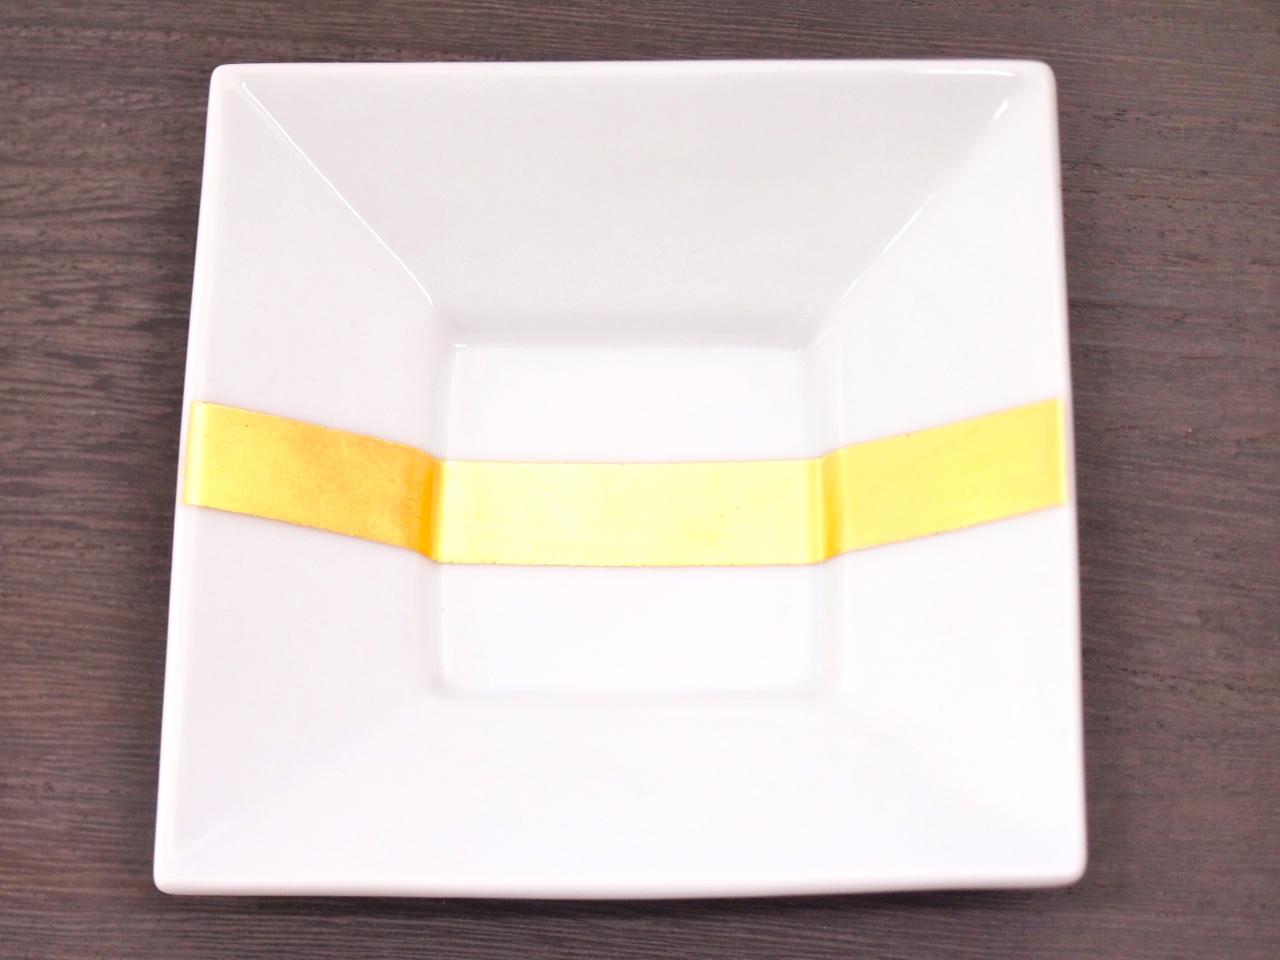 九谷焼 和陶房 3.5号角皿/小皿 豆皿/  帯金箔  辺10.5×高2.3cm